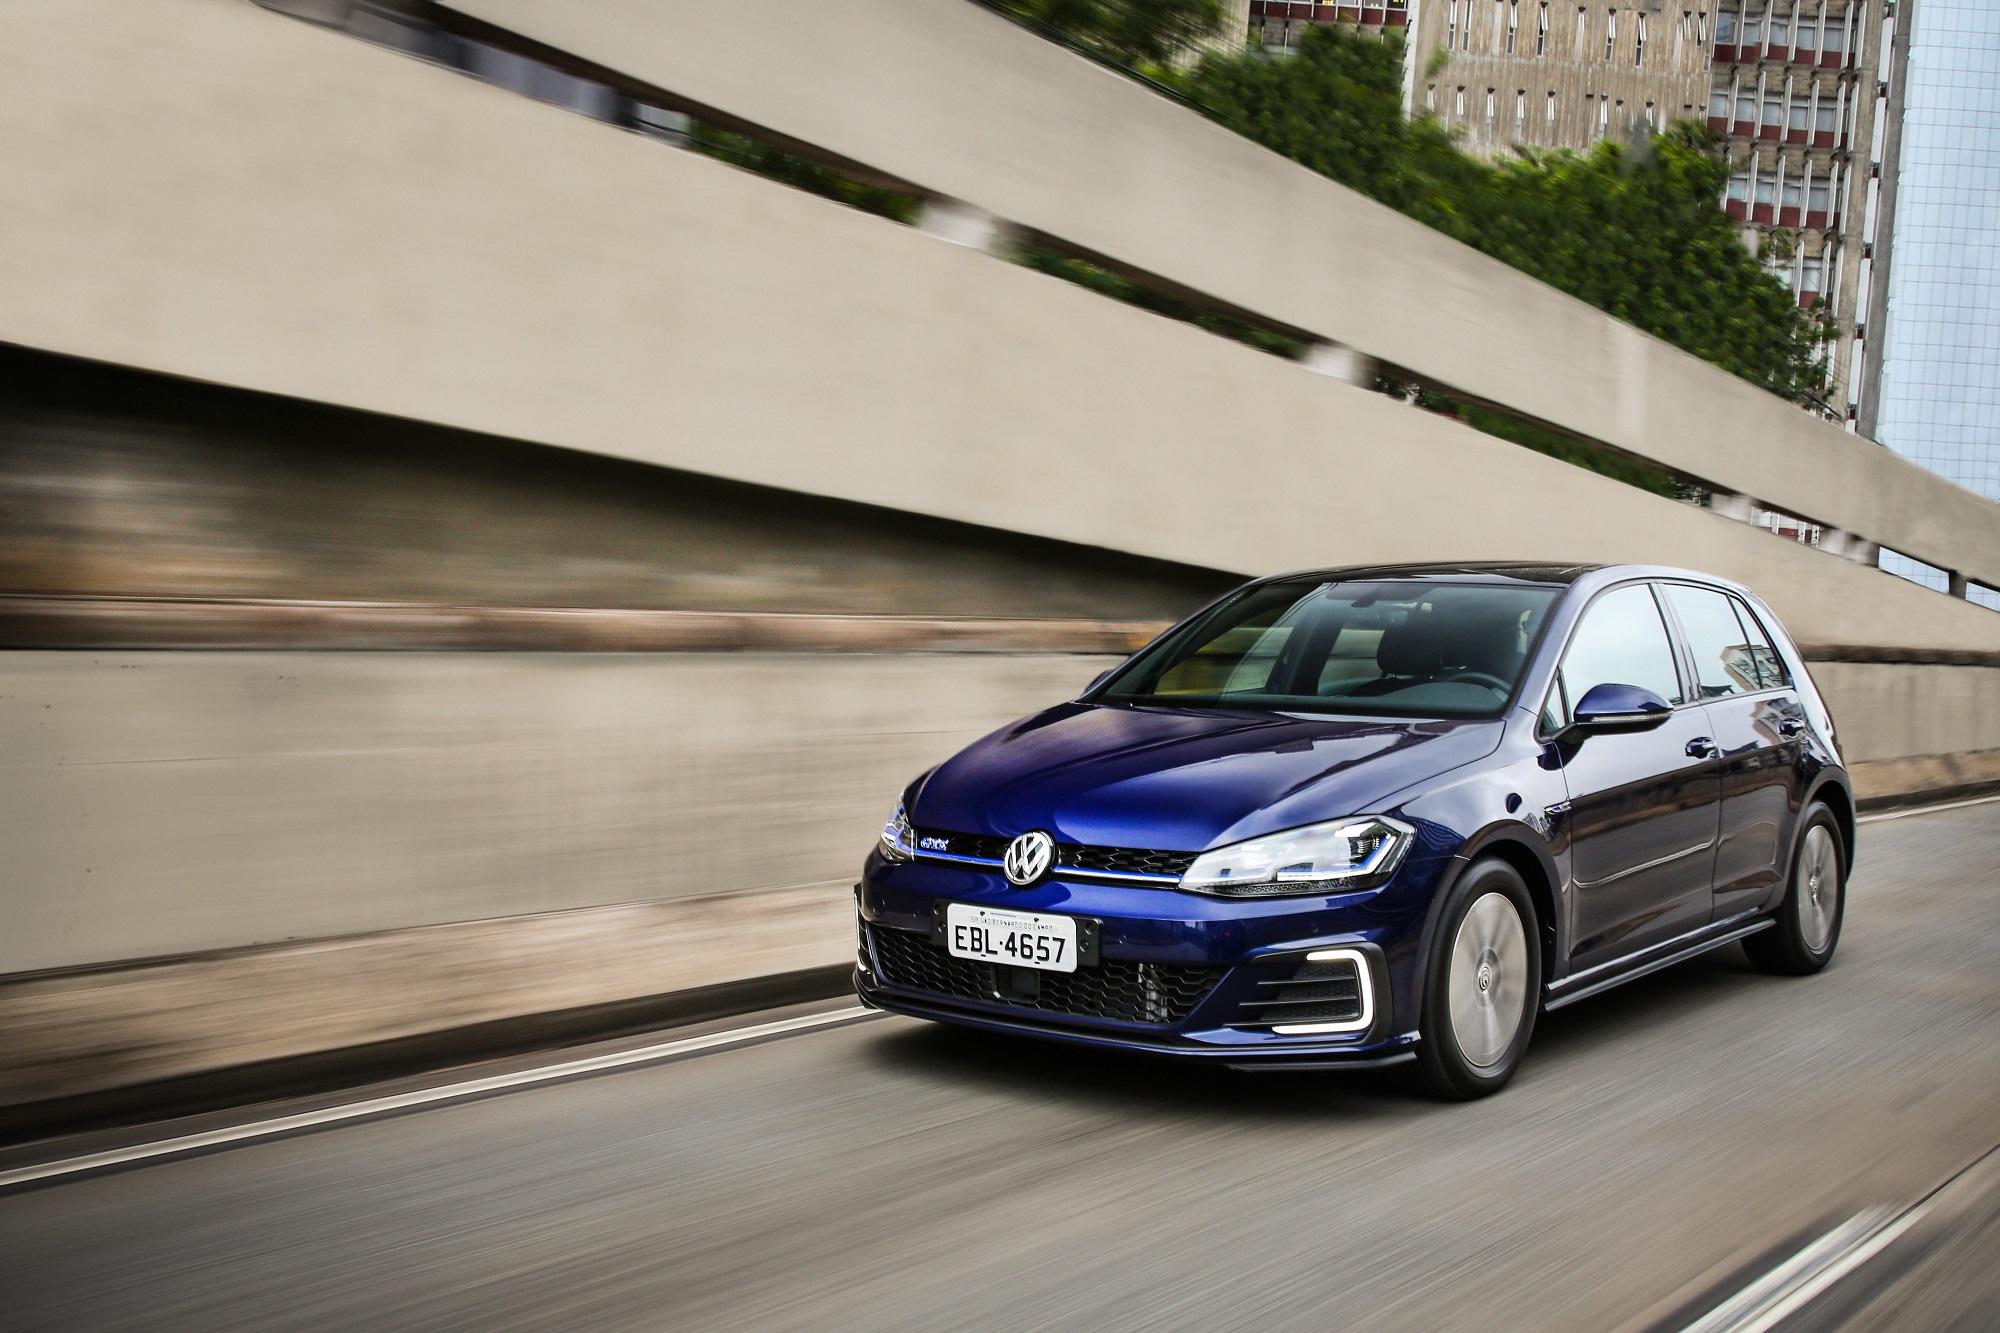 Volkswagen Golf Gte azul em movimento na rua